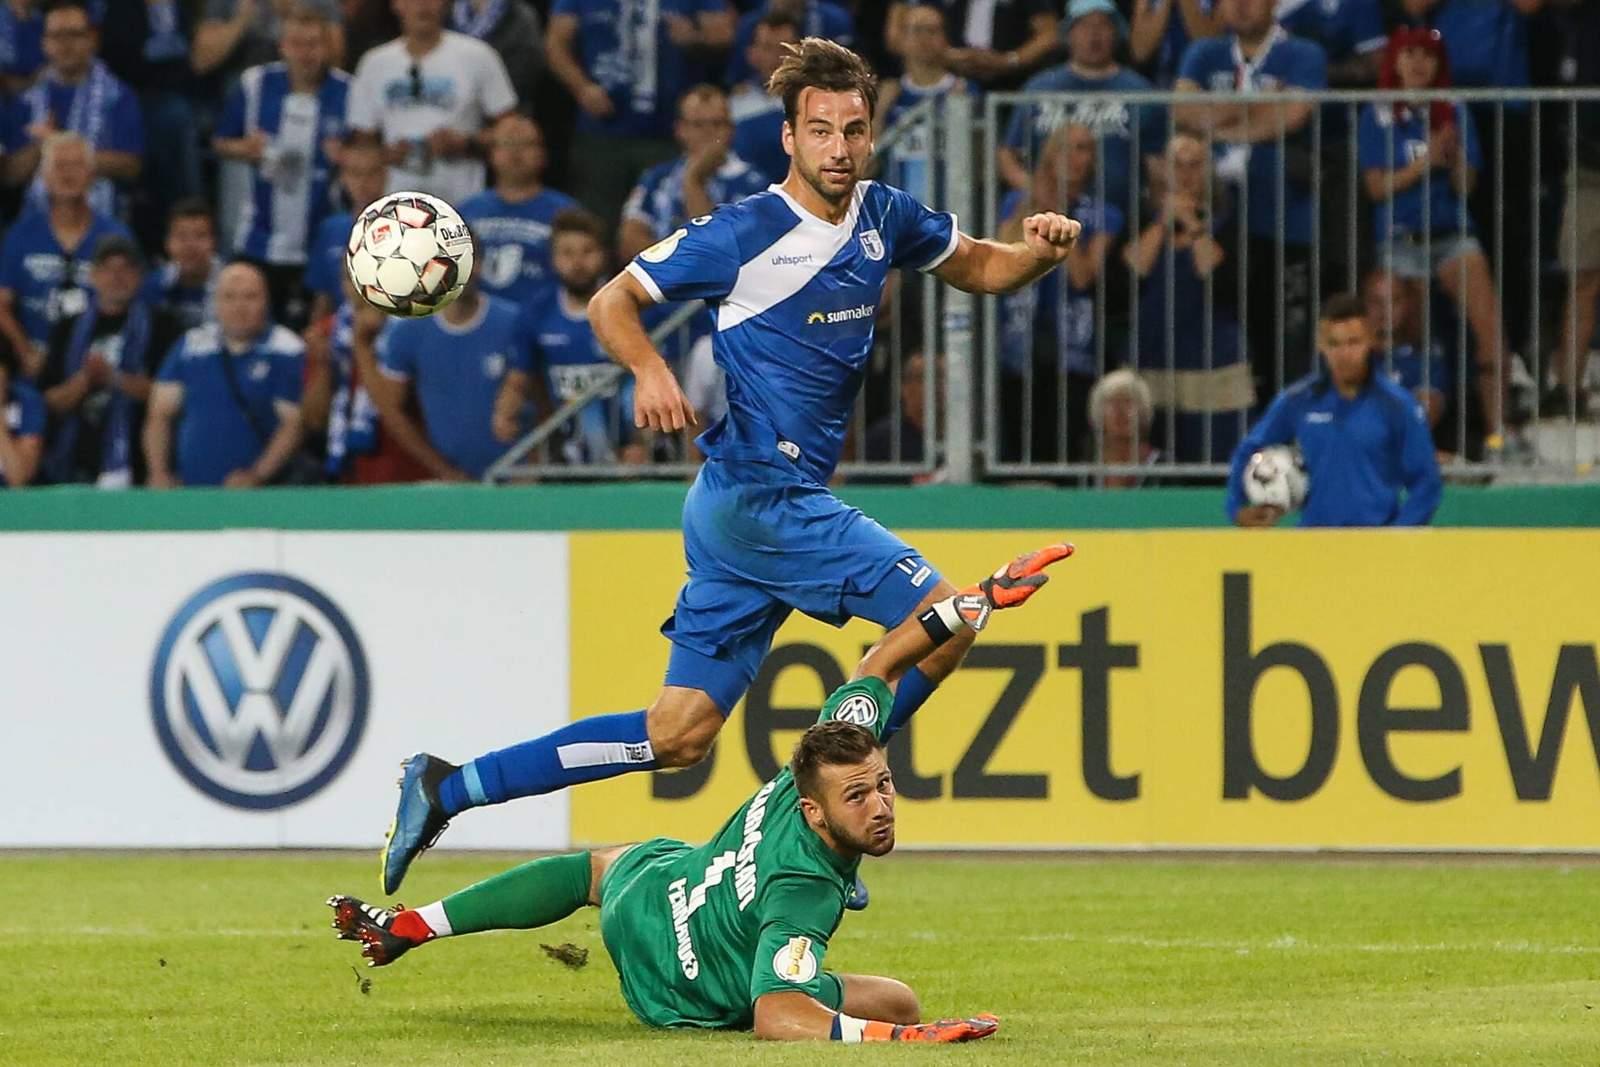 Beendet Christian Beck seine Durststrecke? Jetzt auf Darmstadt gegen Magdeburg wetten.